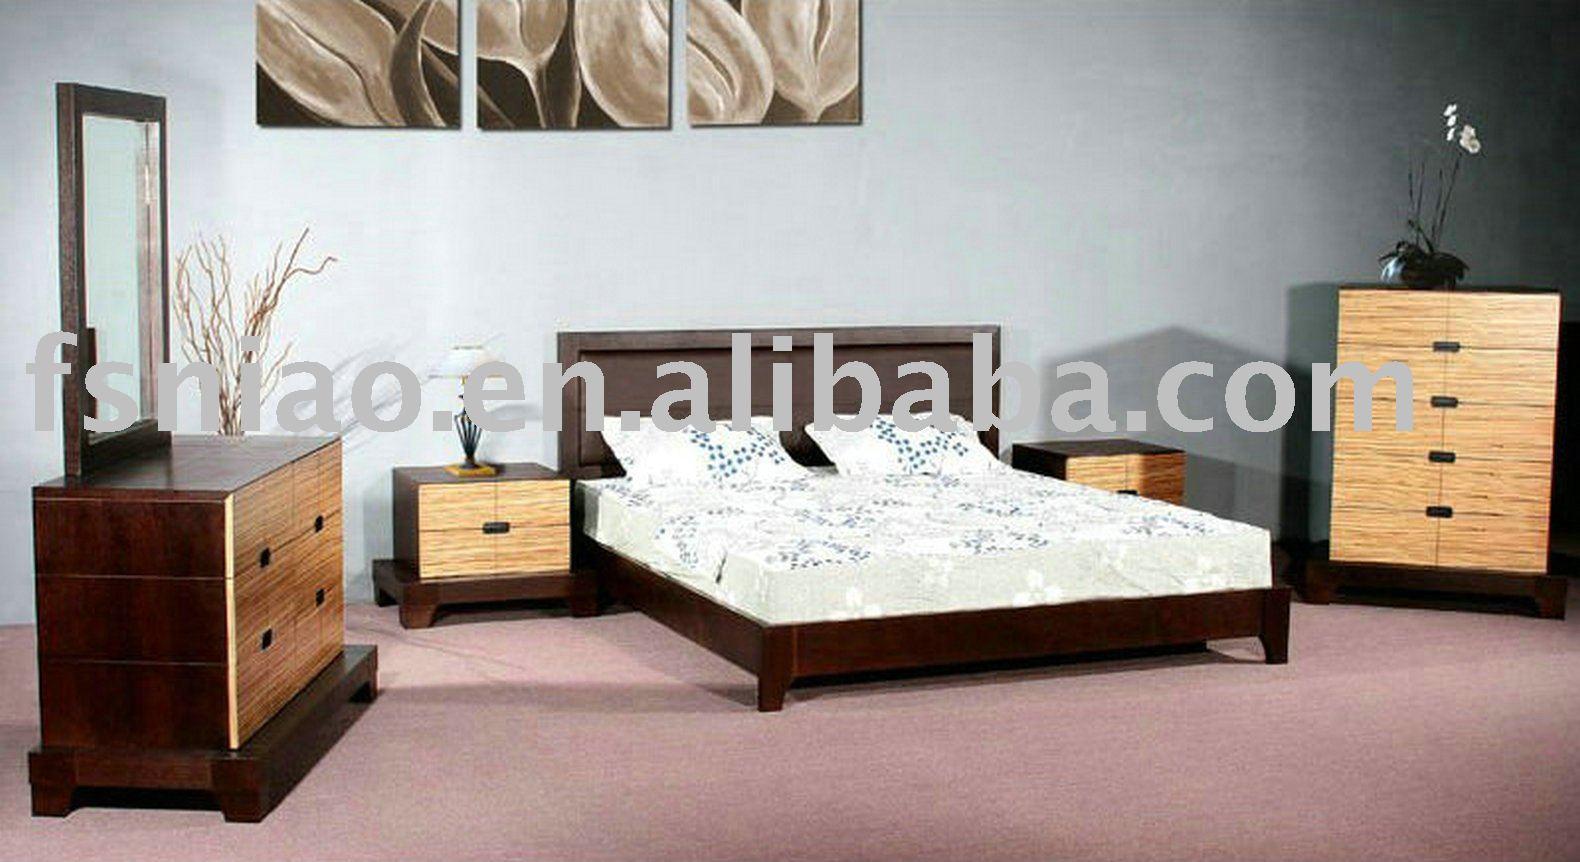 Ensemble de chambre coucher moderne a9102 ak lots de literie id du produit 347632142 french for Photo chambre a coucher moderne